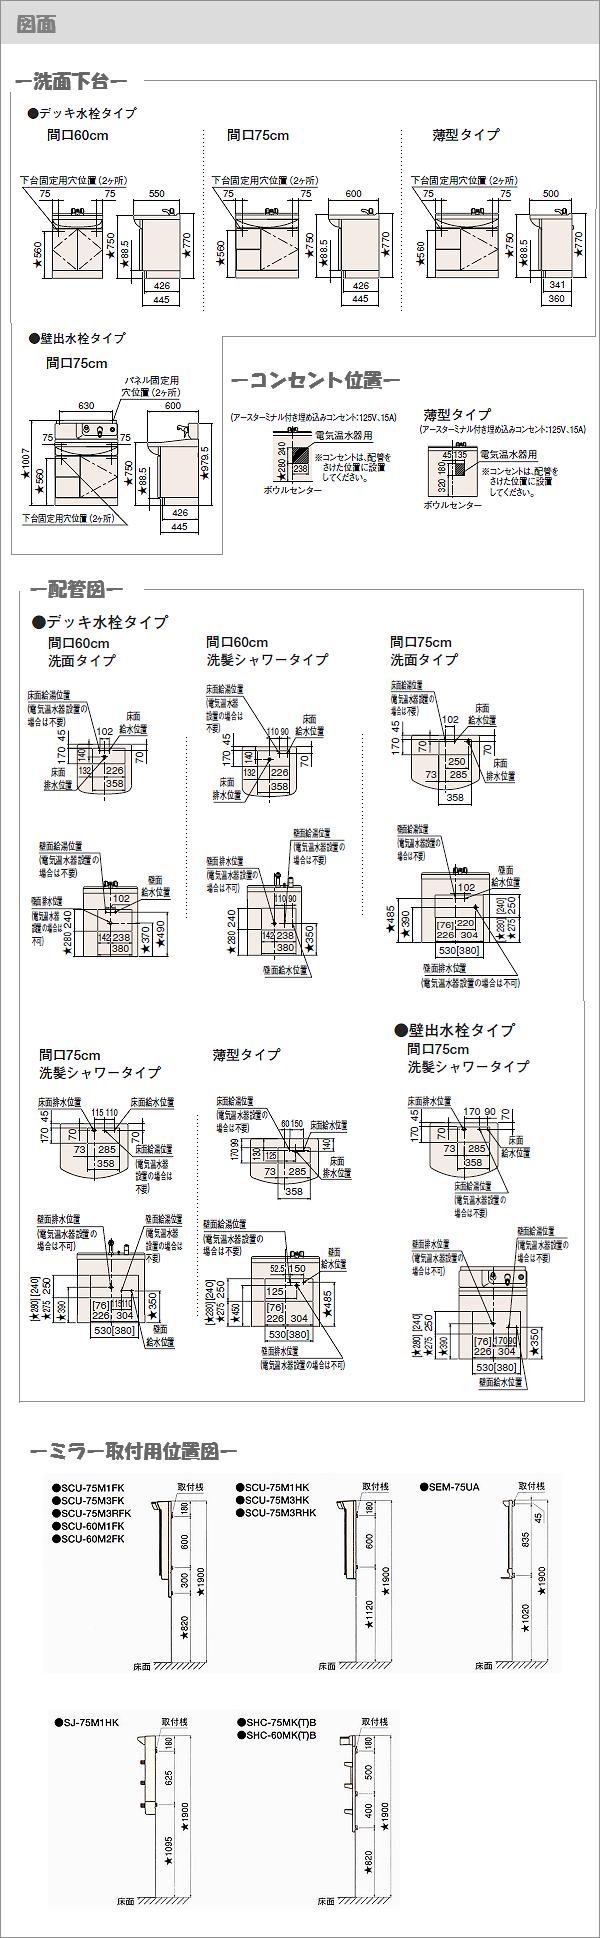 タカラスタンダード/オンディーヌ 商品図面